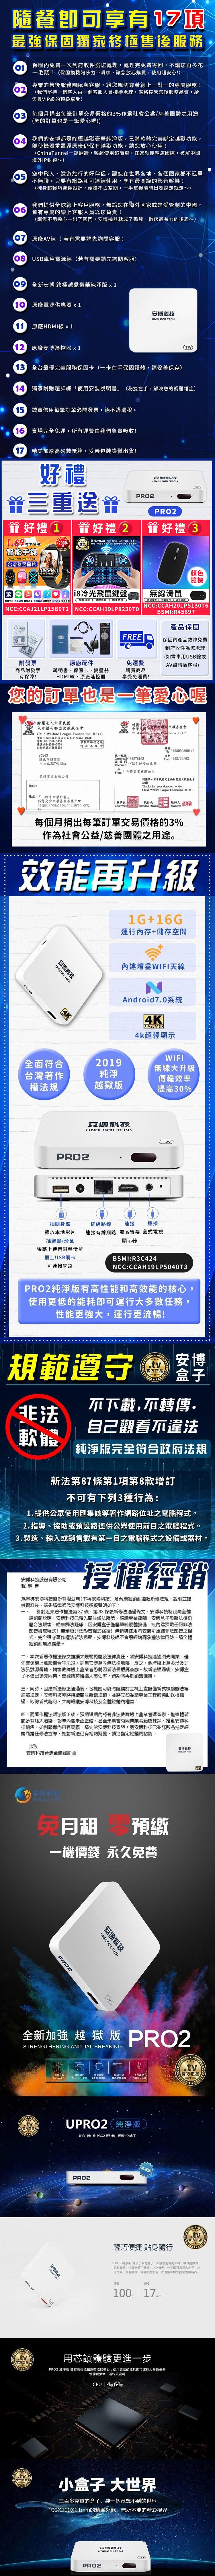 【送精美豪禮】獨家VIP五星級服務 越獄旗艦豪華版 安博盒子 PRO2 台灣公司貨 電視盒 機上盒 小米 生日